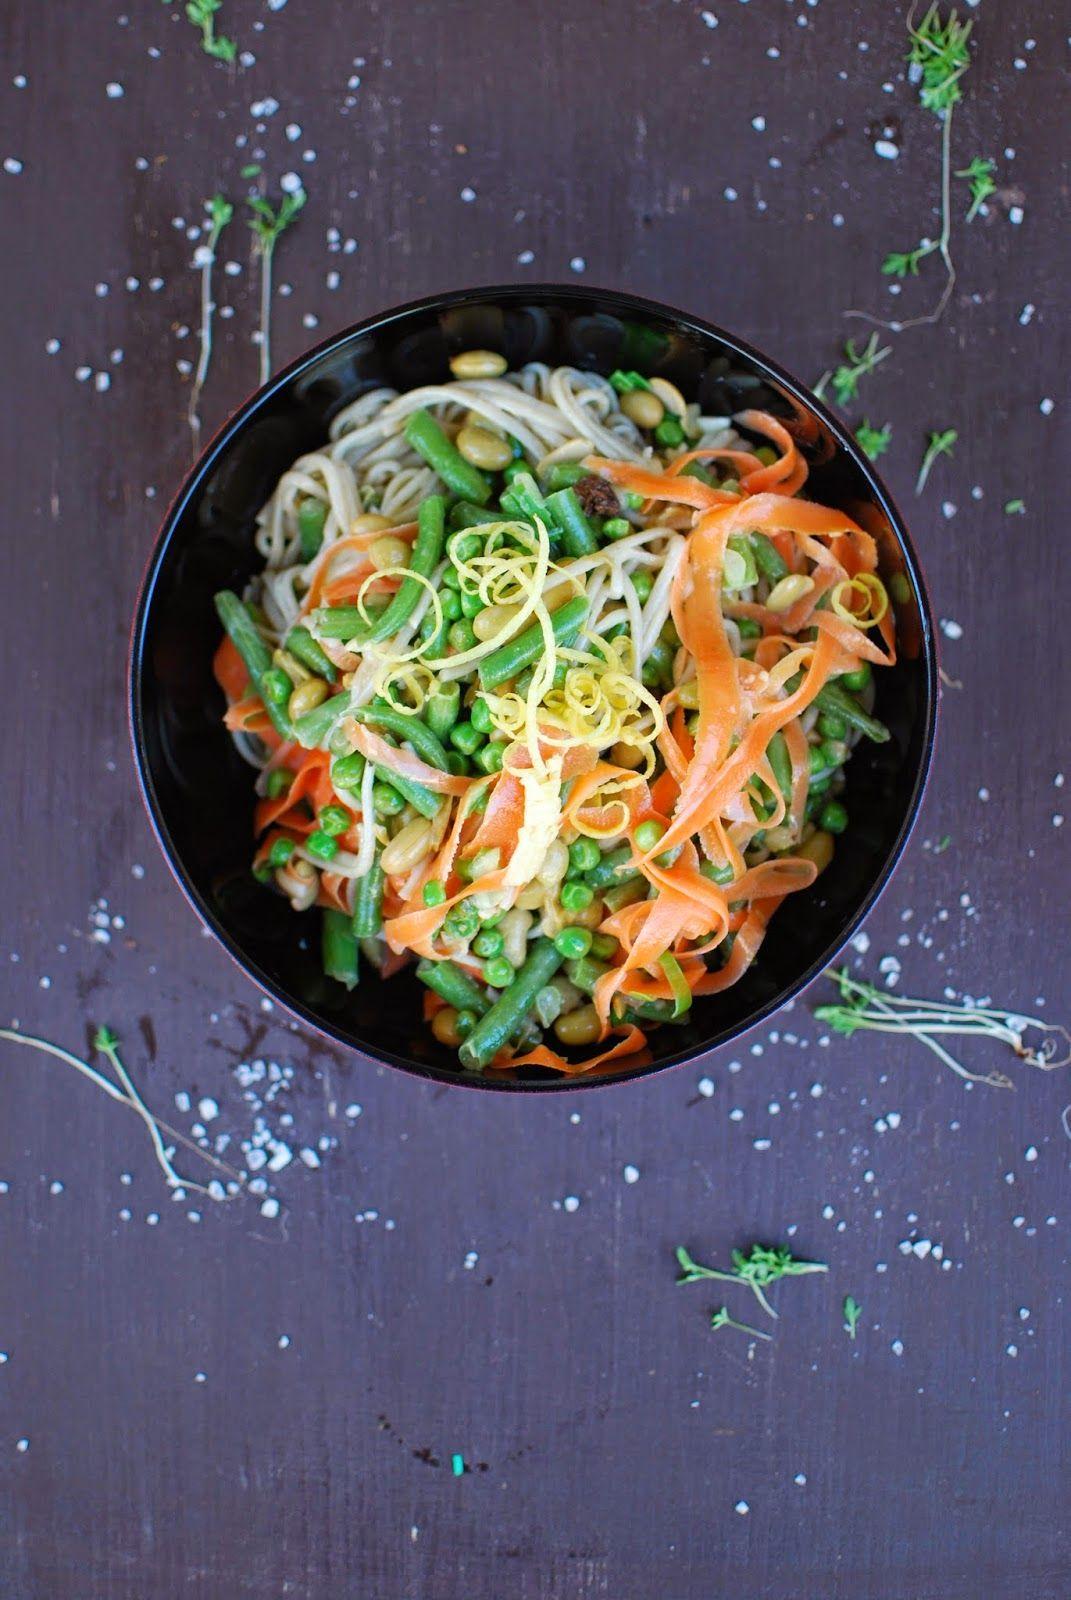 Nudelsalat ist perfekt für den Sommer, vor allem wenn man ihn aus Nudeln macht, die nur wenige Minuten kochen müssen: sobanudel-salat mit allerlei grün und etwas orange.